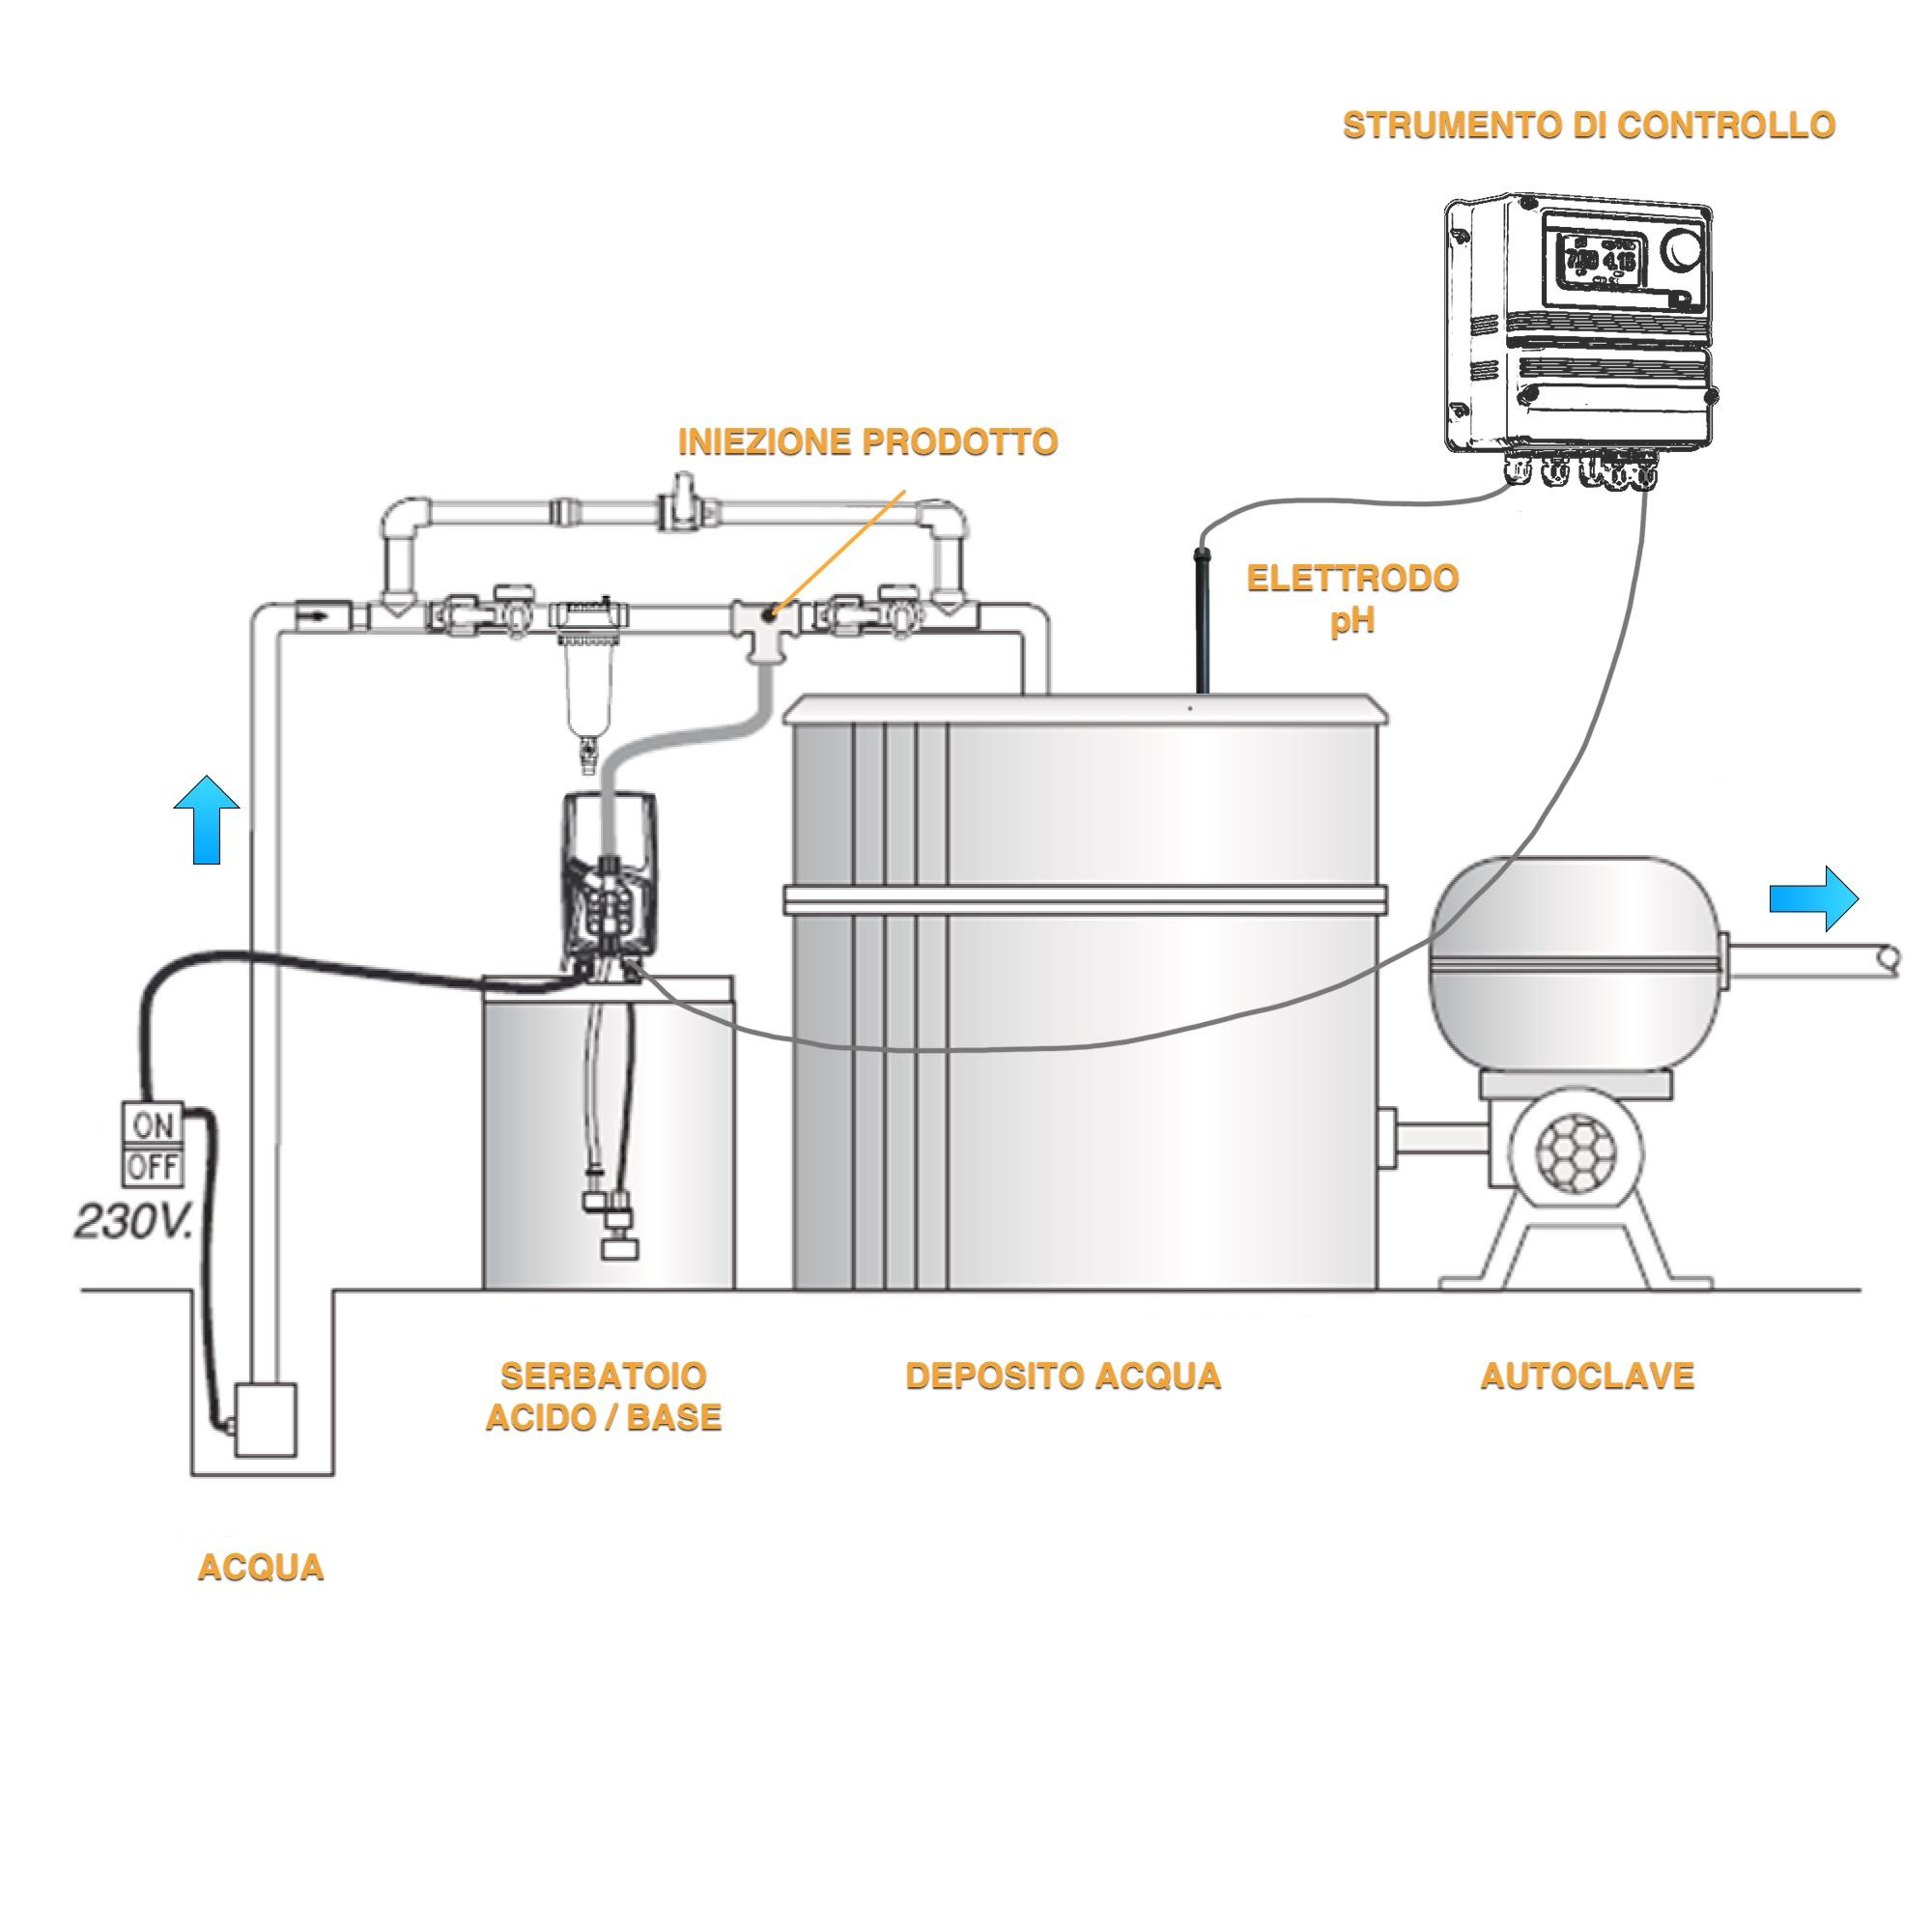 Sistemi ldsph giemme trattamento acque for Autoclave funzionamento schema